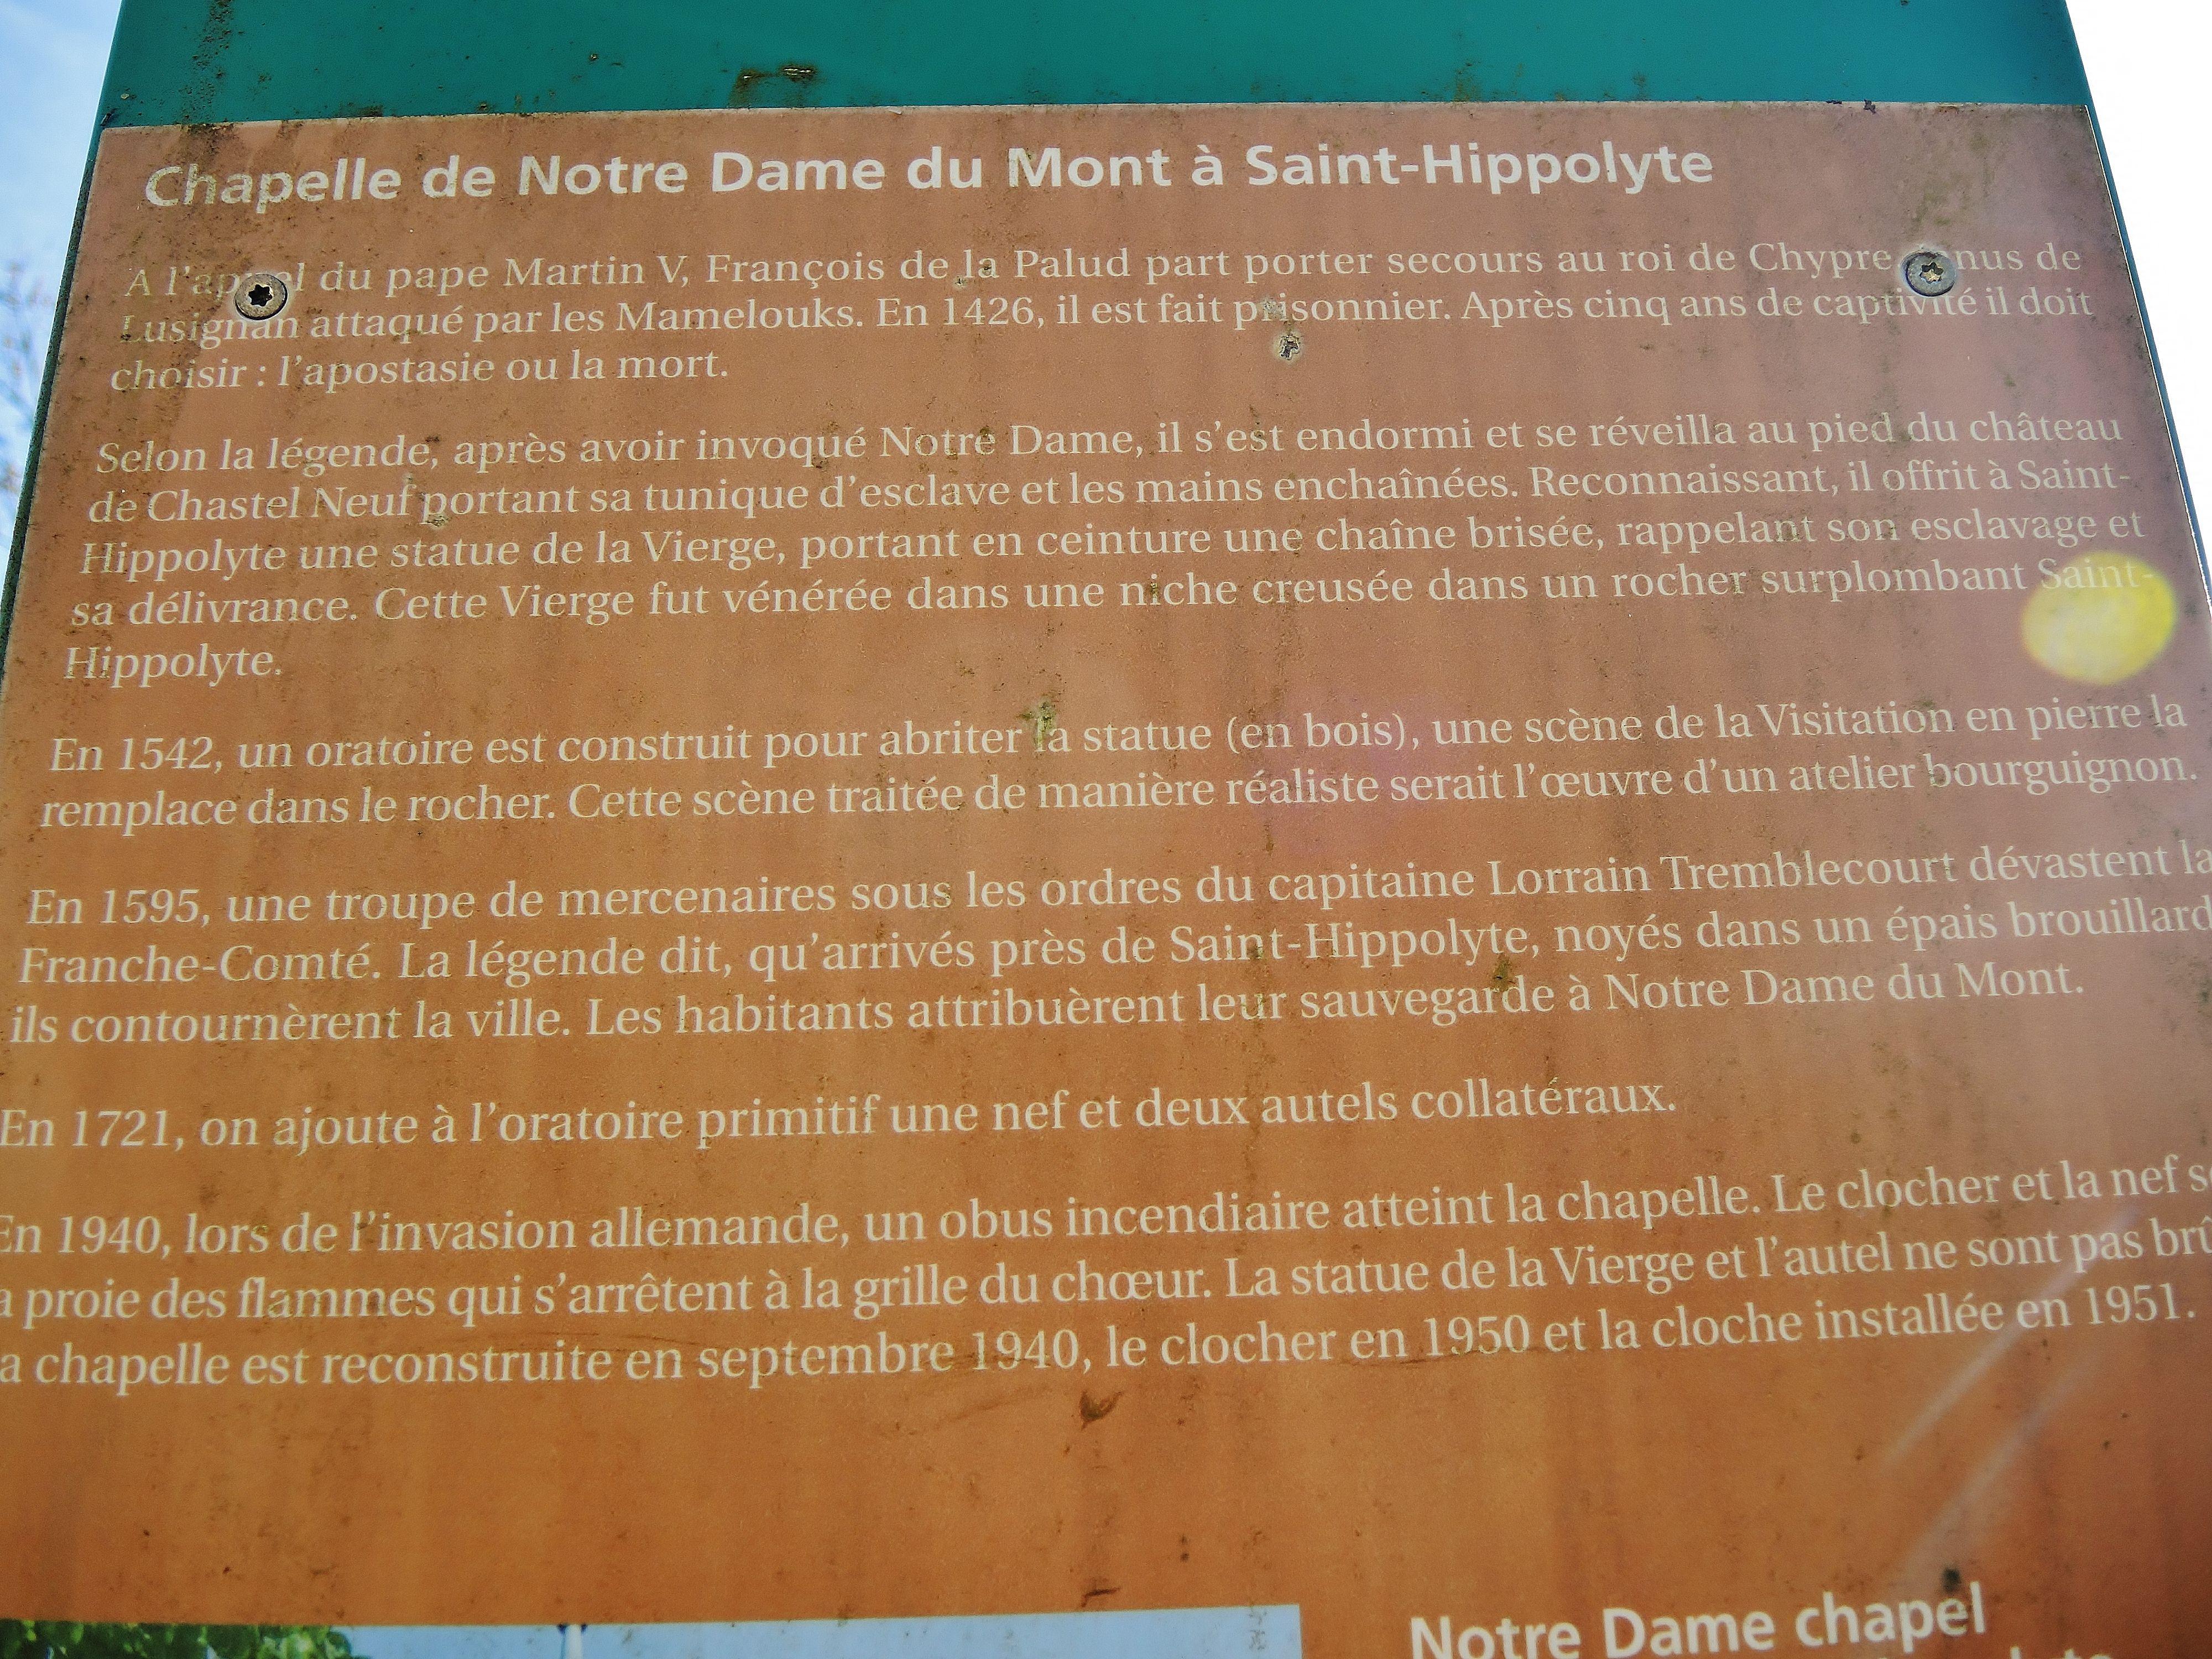 Fileexplications Sur La Chapelle Notre Dame Du Montjpg